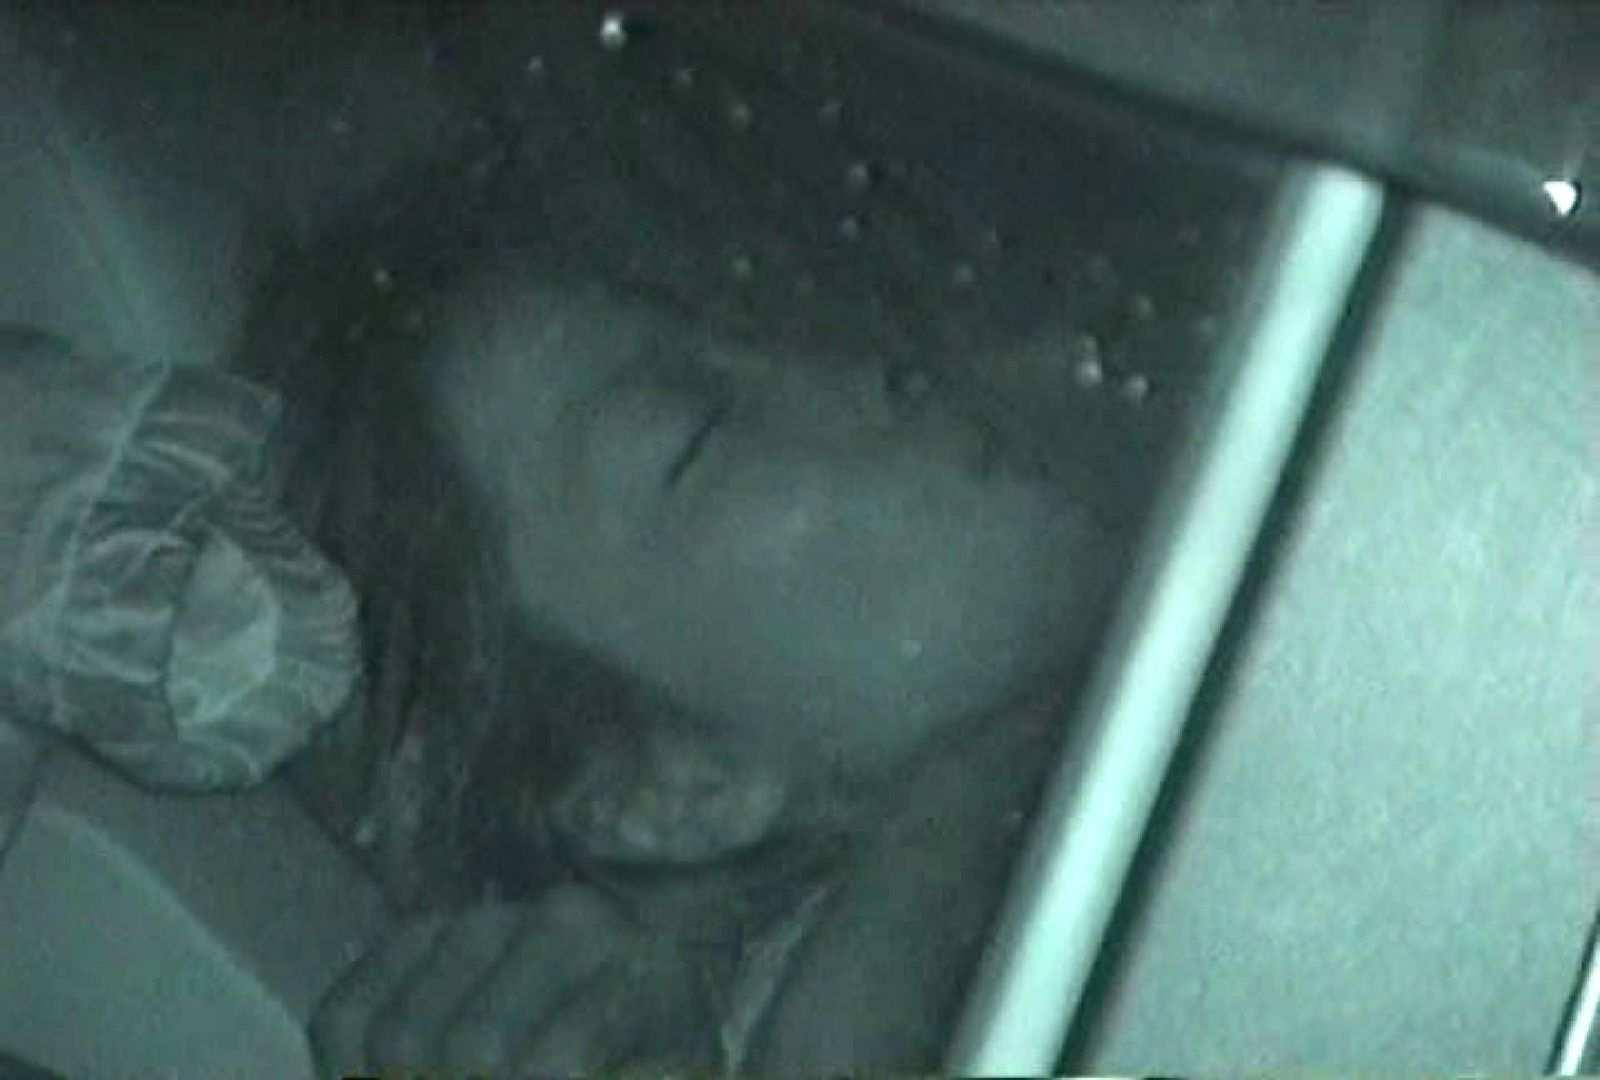 充血監督の深夜の運動会Vol.54 フェラ最高 エロ画像 98画像 15